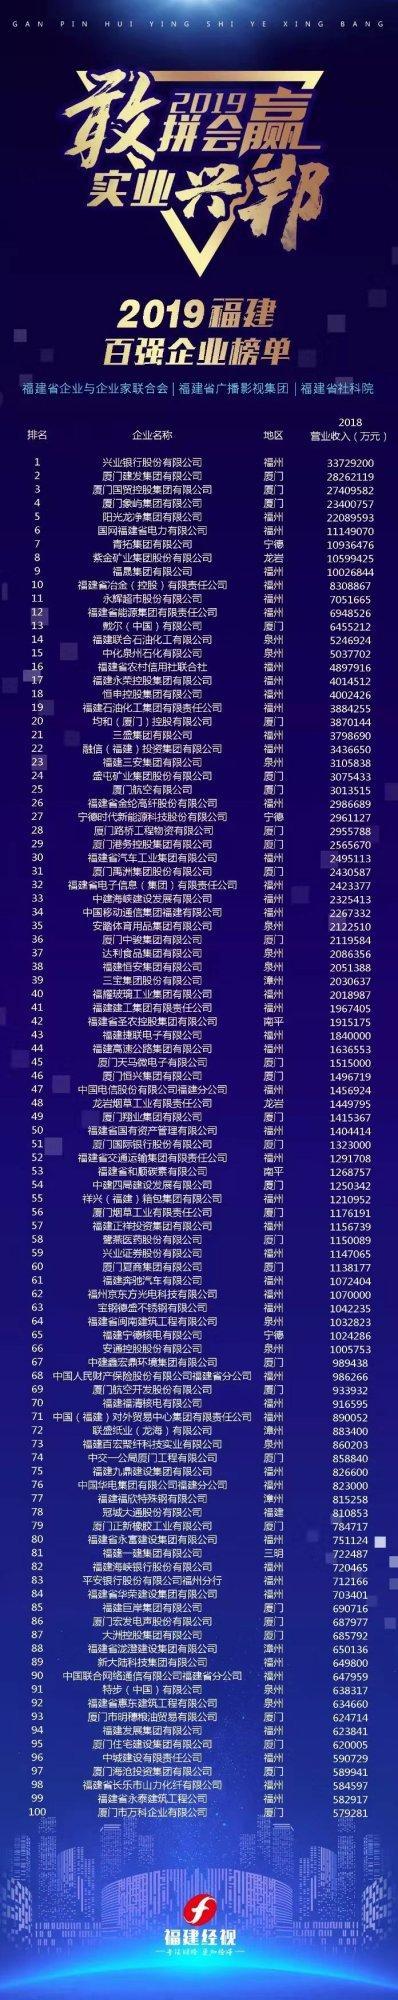 2019福建百强企业榜单发布 兴业银行位列第一